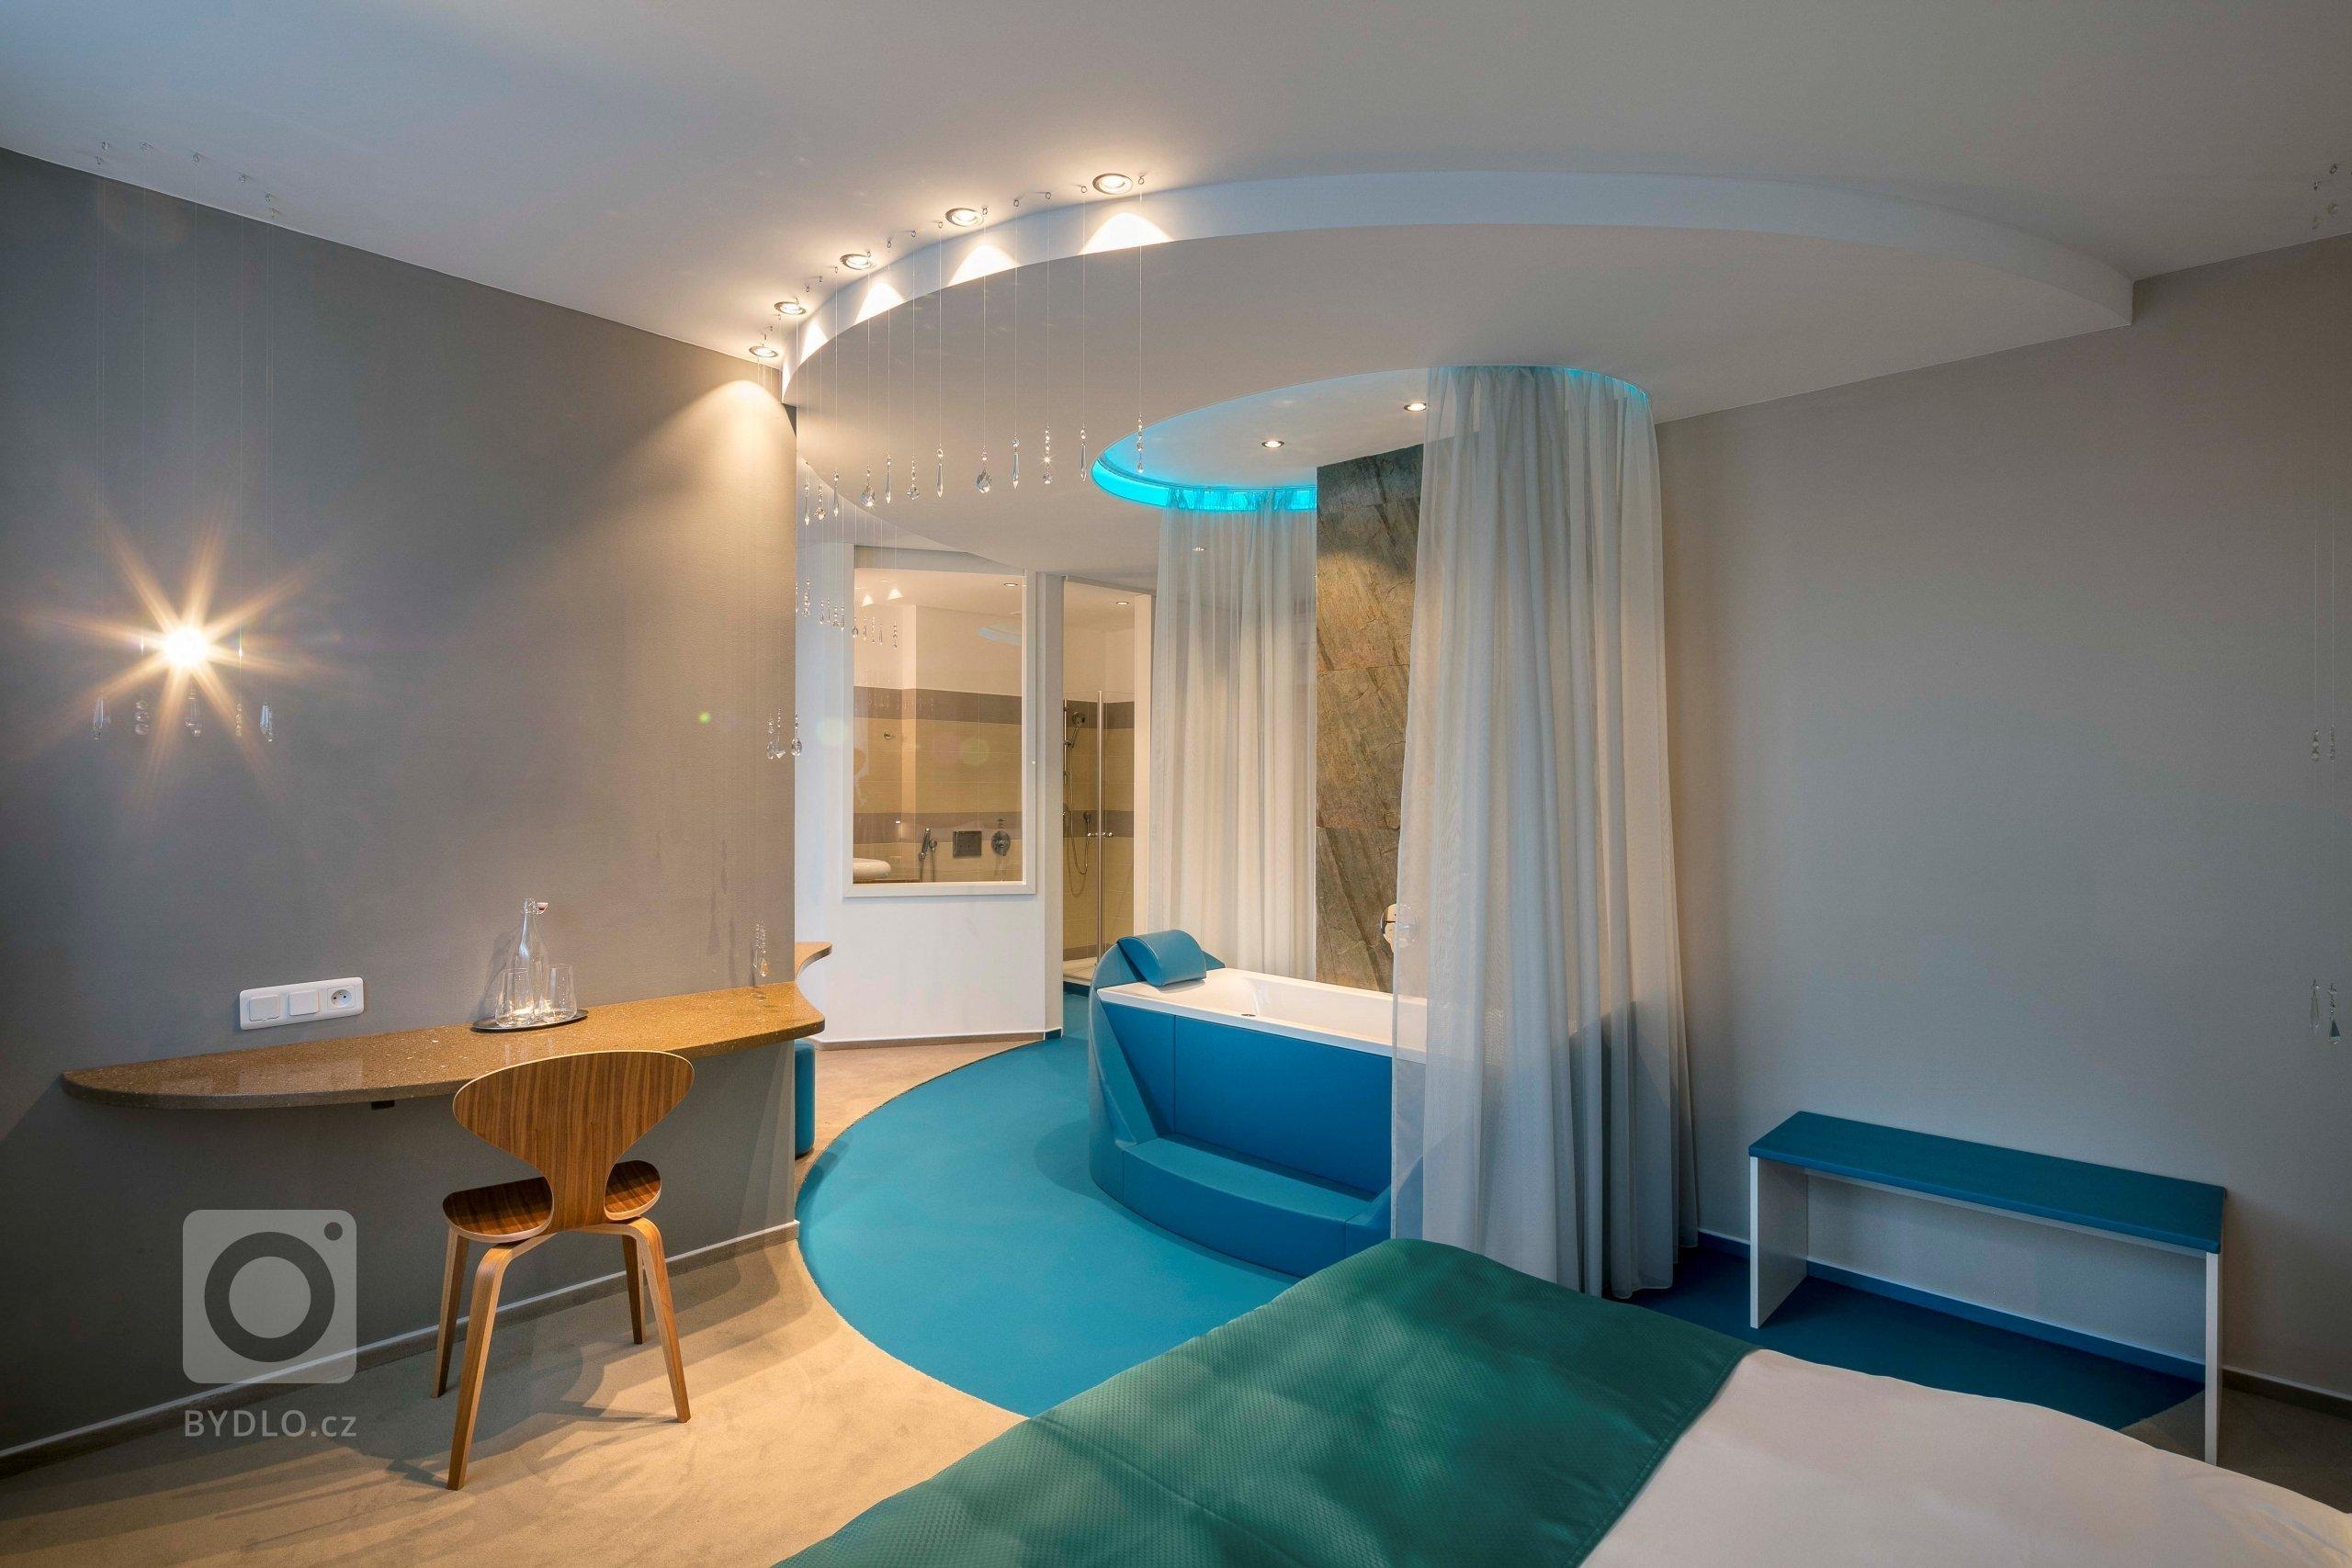 Interiér o výměře 32 m2 je půdorysně složen ze dvou místností. Snaha směřovala knavození iluze jednoho velkého prostoru s centrální pozicí vany, jíž je…